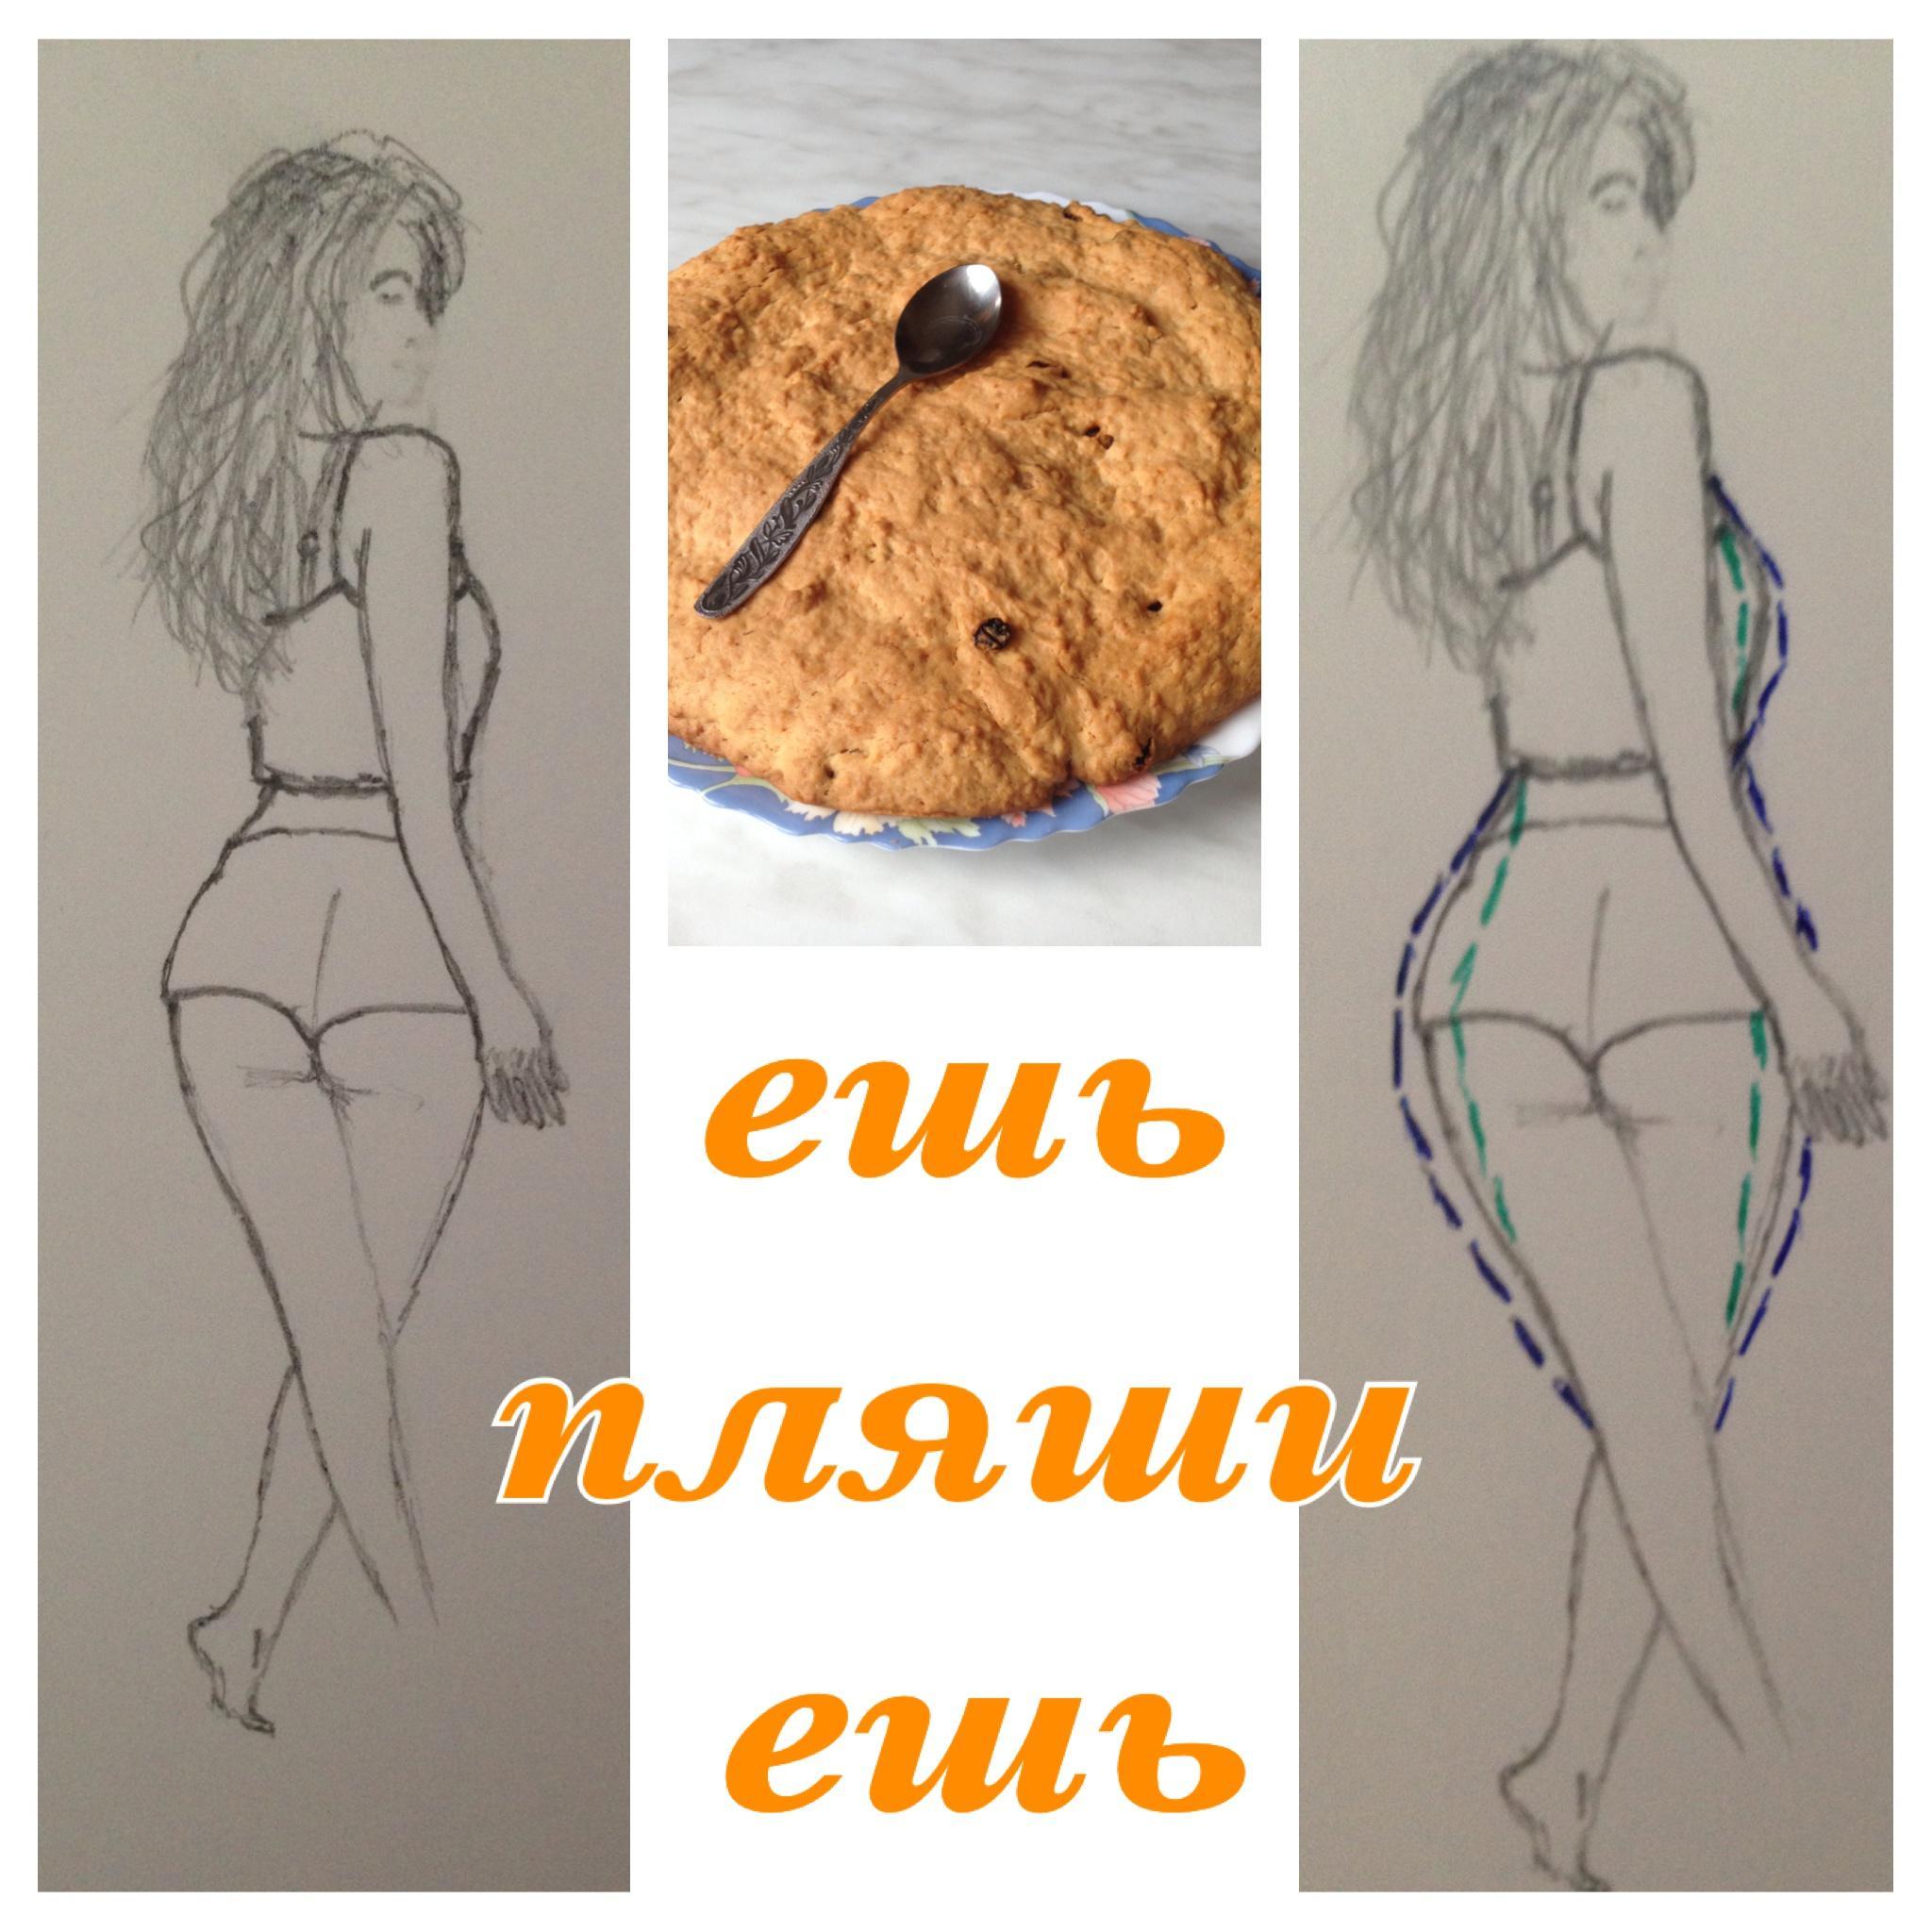 Рисунок на фразу: Ешь, пляши, ешь